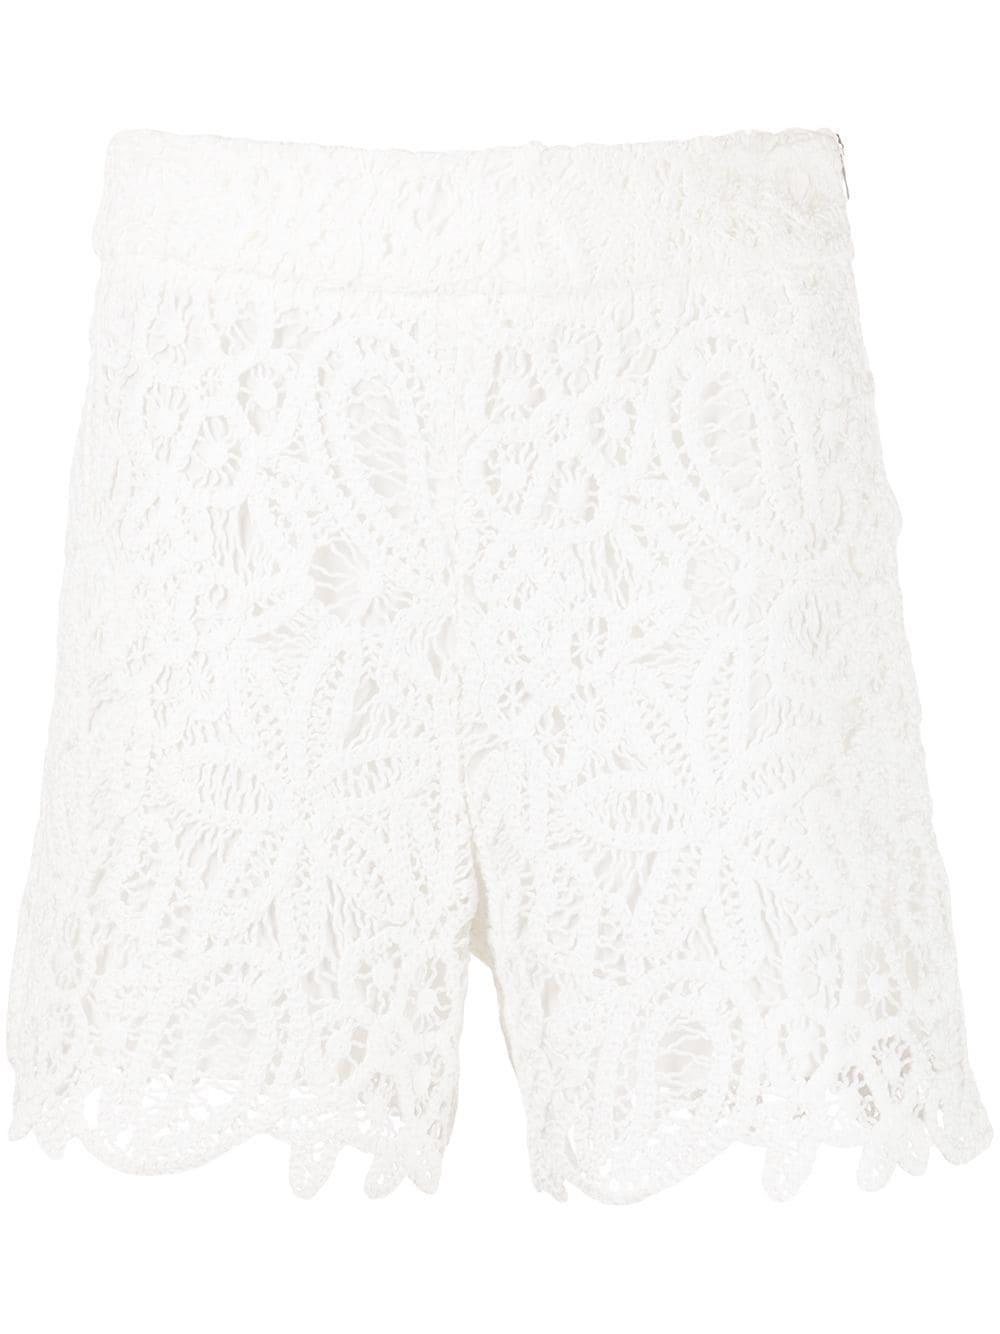 Marley Crochet Short Item # 93OP06